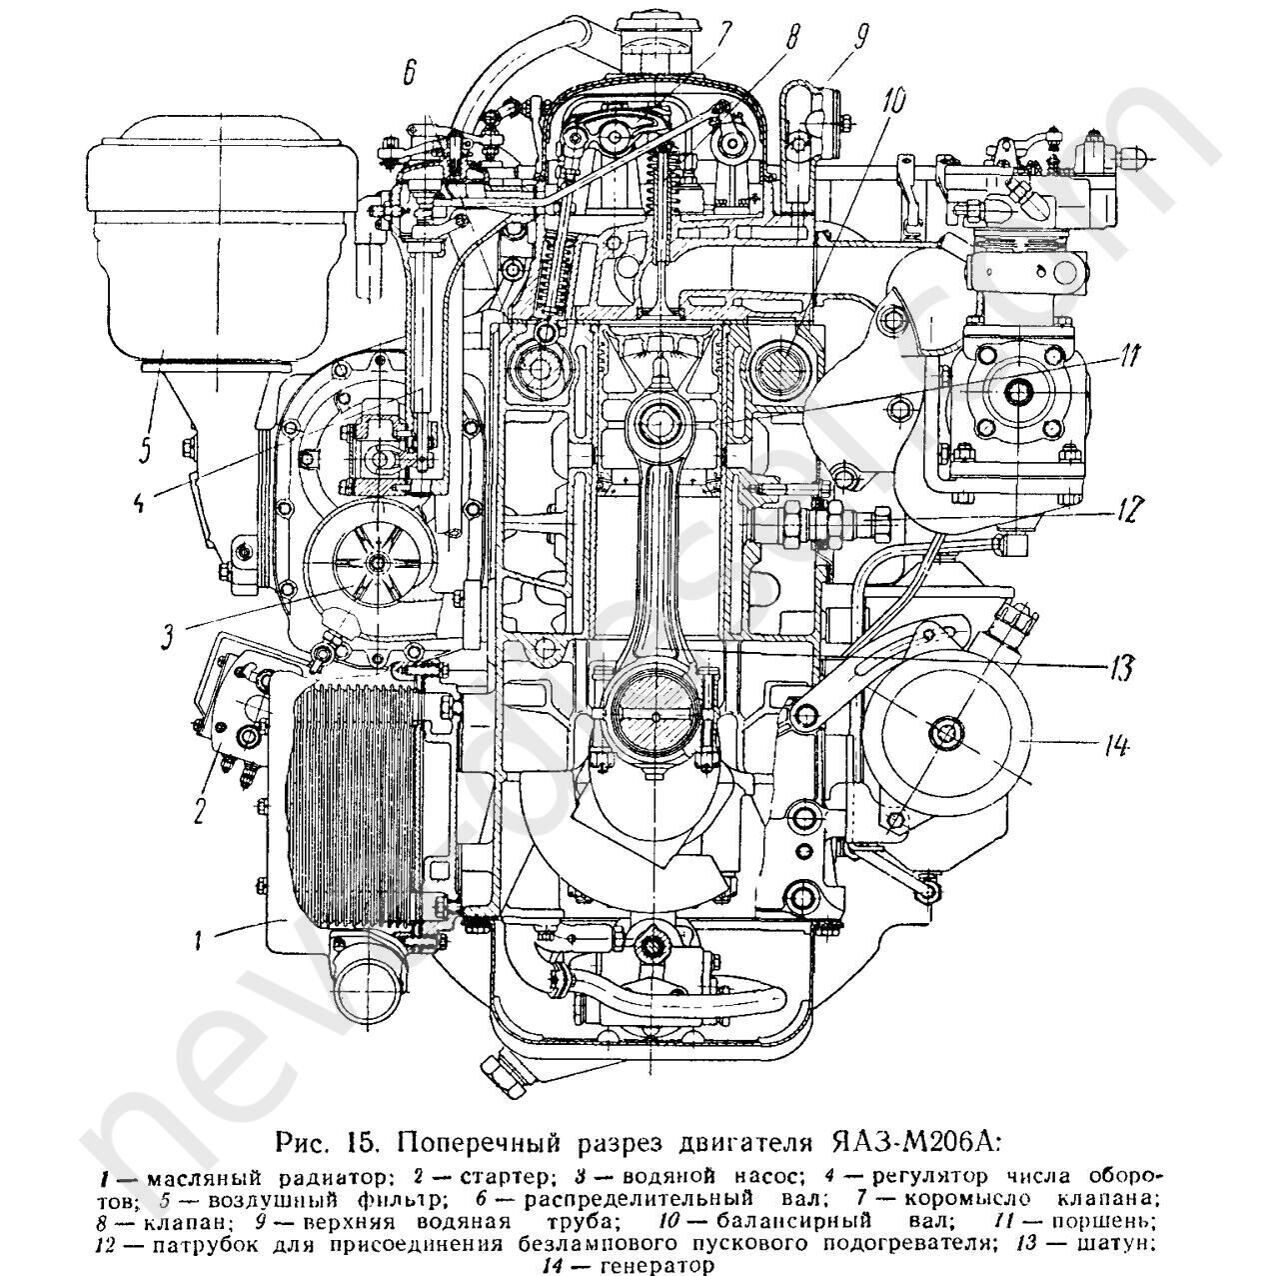 одноплунжерный электрогидравлический подъемник модели п 104 инструкция